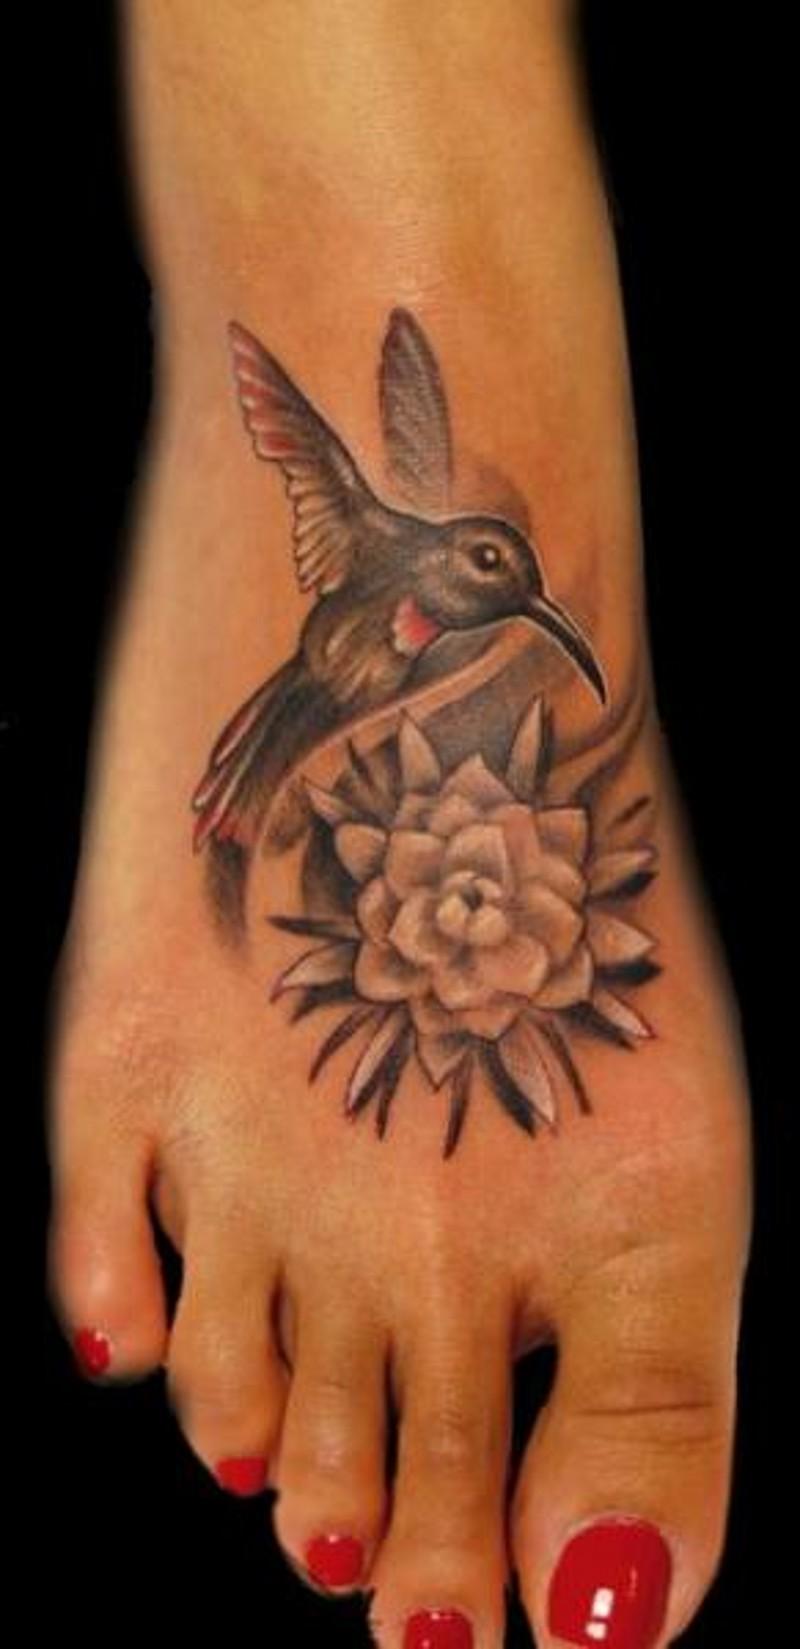 脚背小小的美丽蜂鸟花朵纹身图案